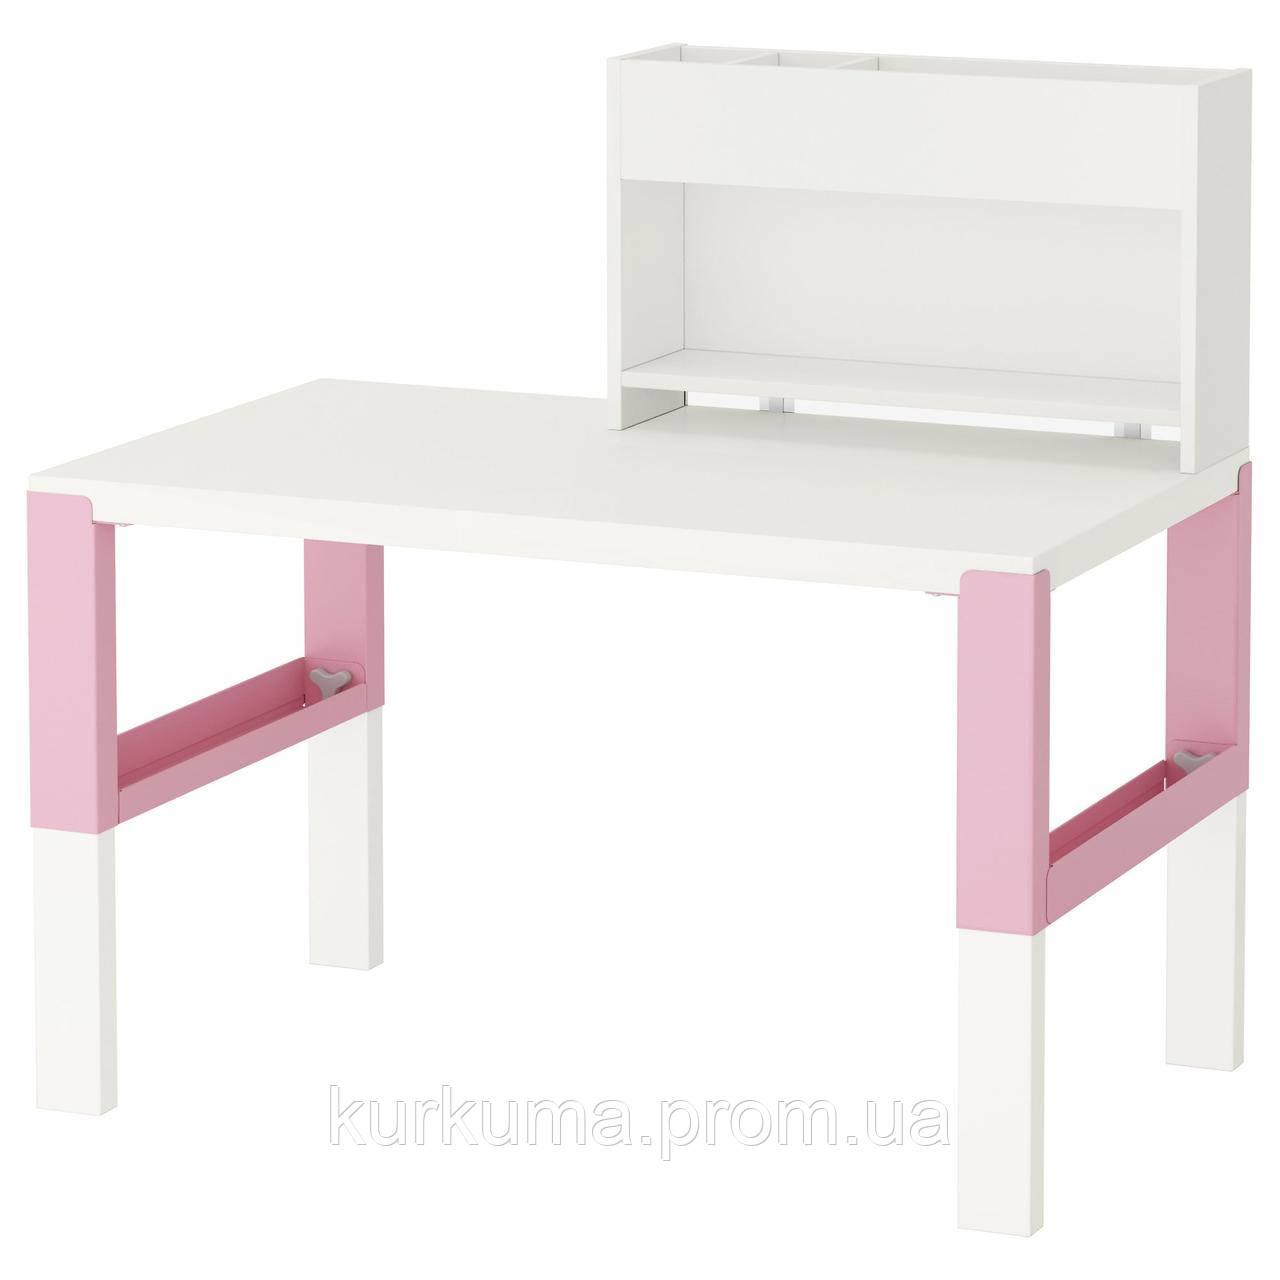 IKEA PAHL Стол с дополнительной надставкой, белый, розовый  (591.289.59)